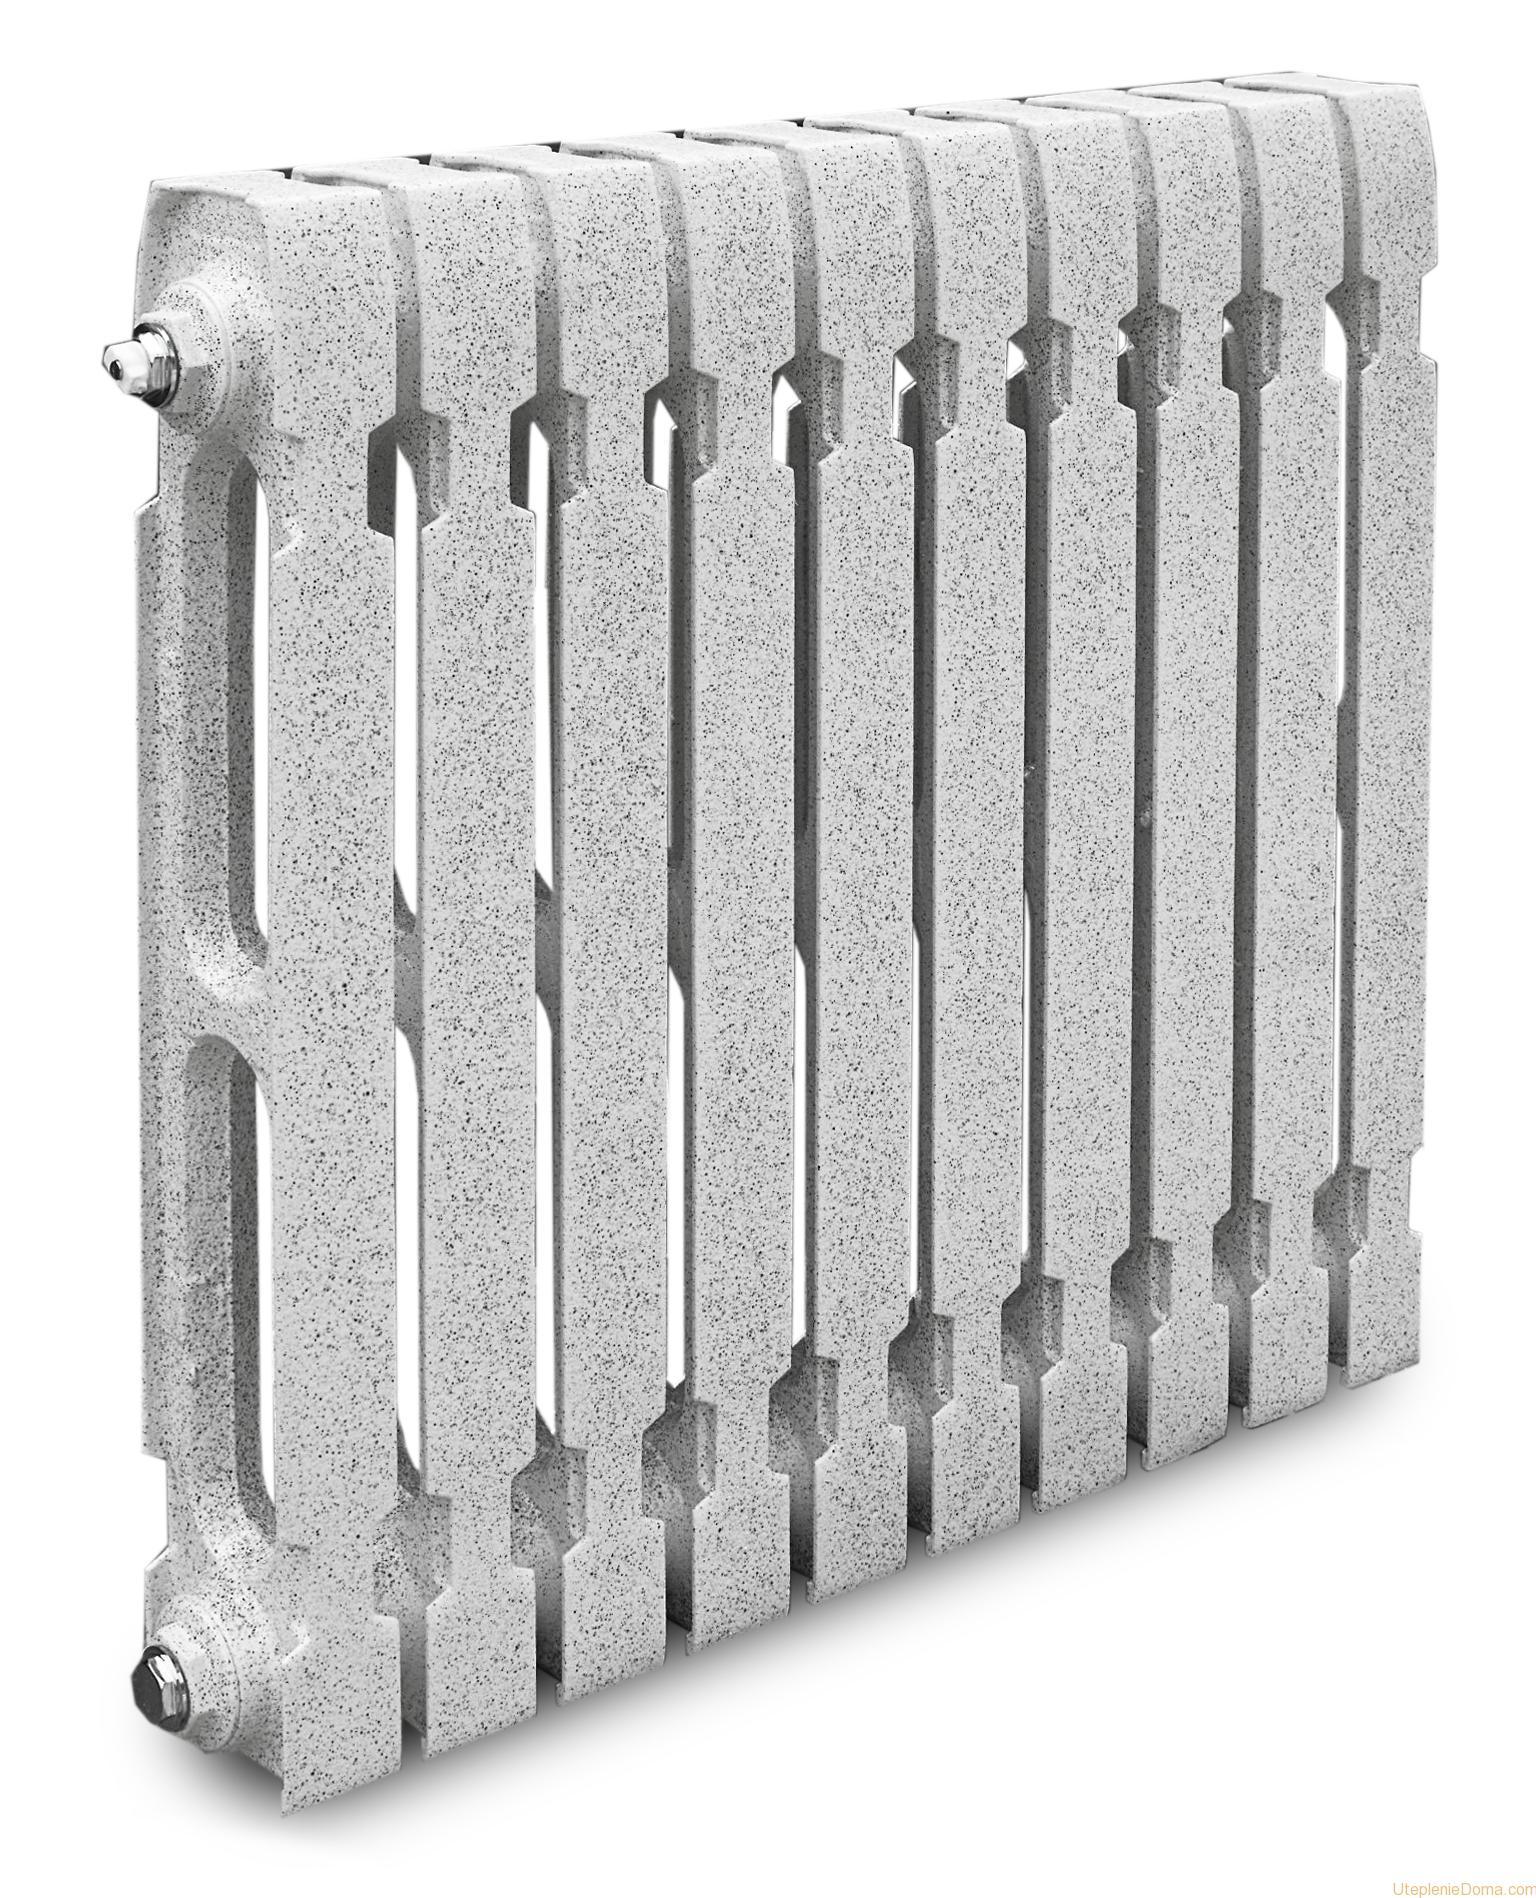 Радиаторы отопления чугунные konner «Модерн»